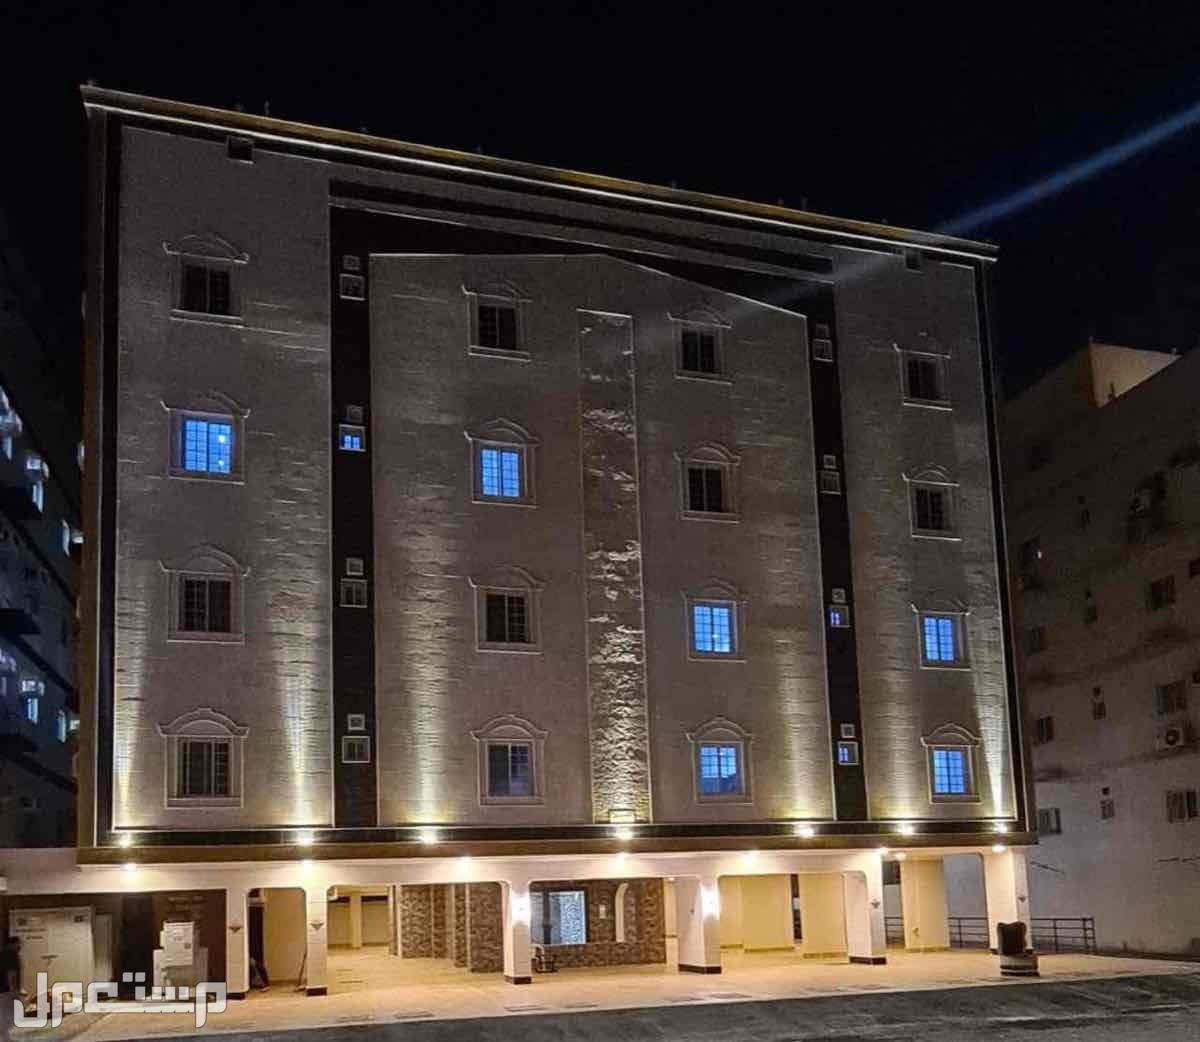 شقه 6 غرف بمنافعها حي التيسير افراغ فوري